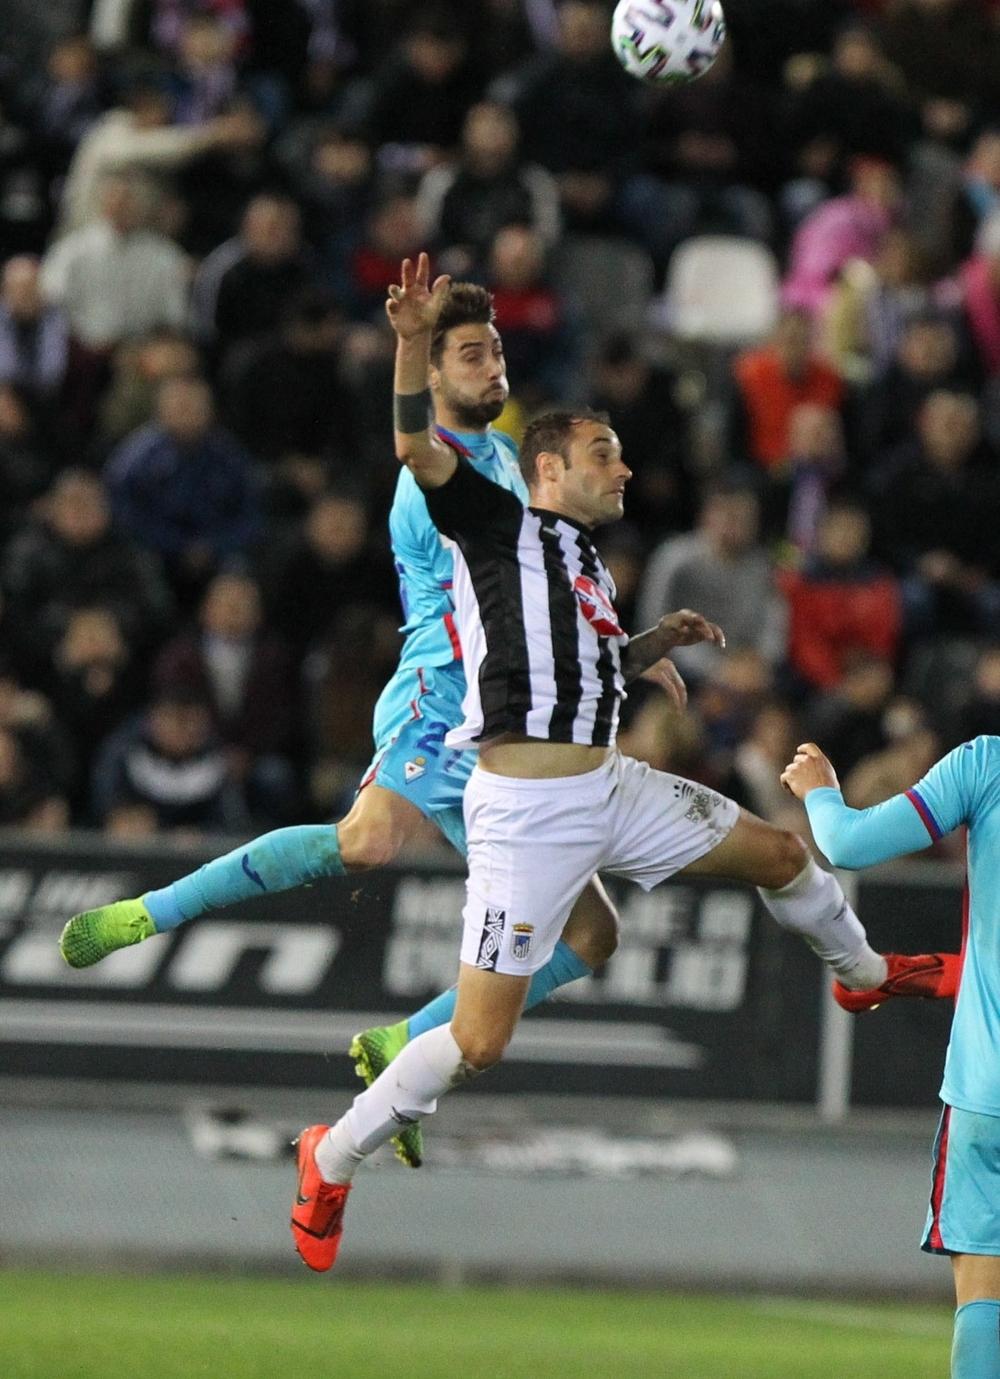 El Badajoz prolonga su sueño con la Copa del Rey